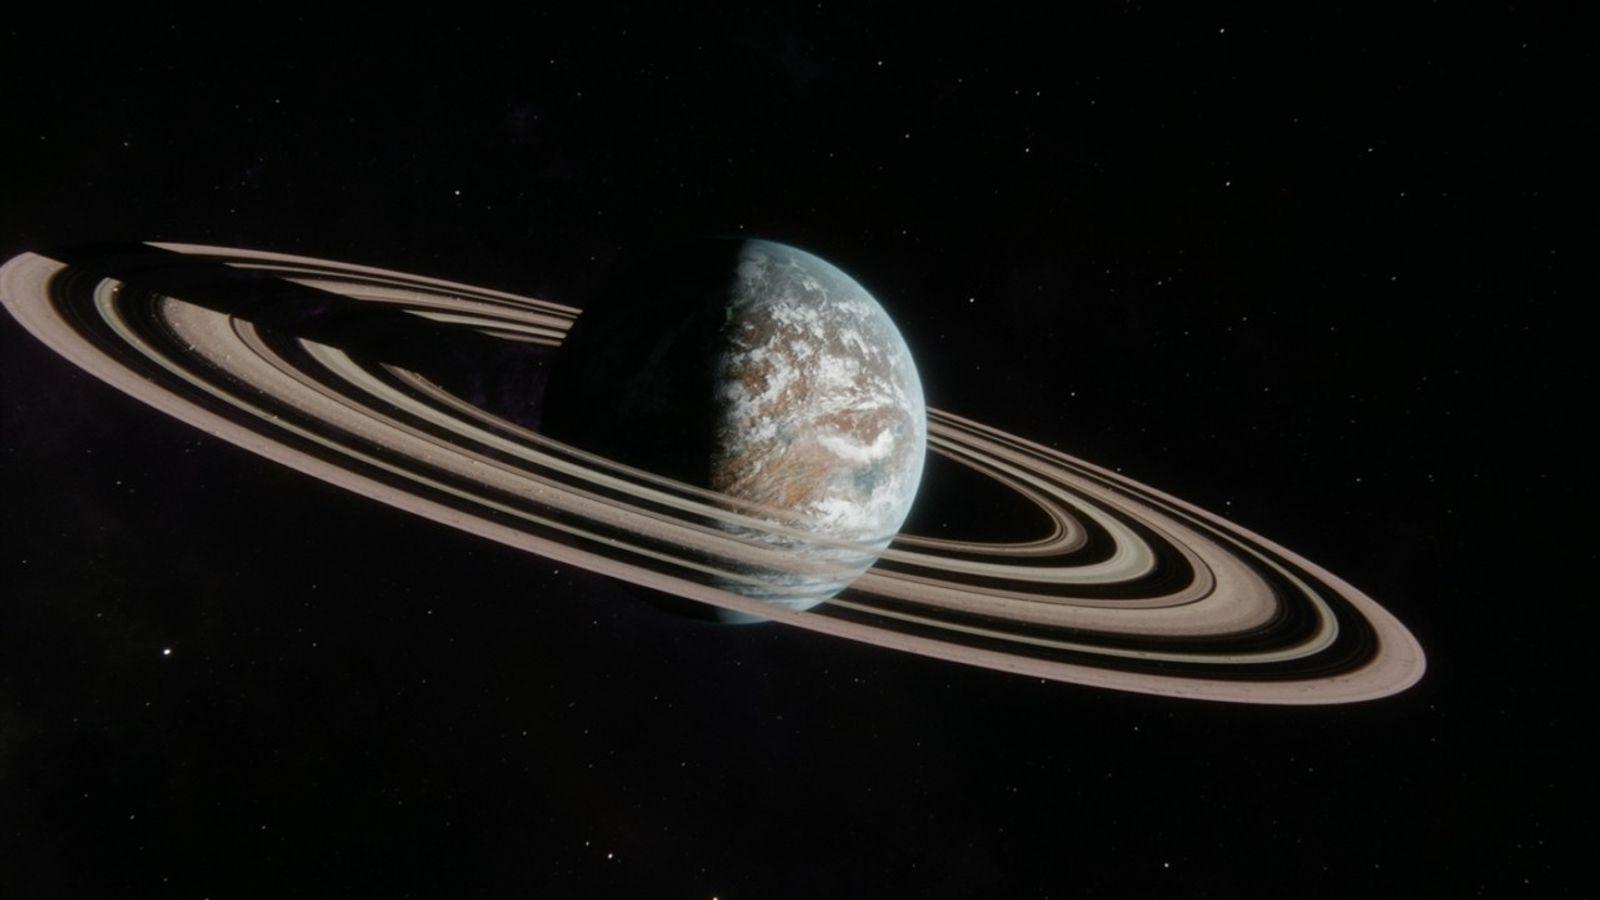 Asombroso | Cosmos: Mundos Posibles